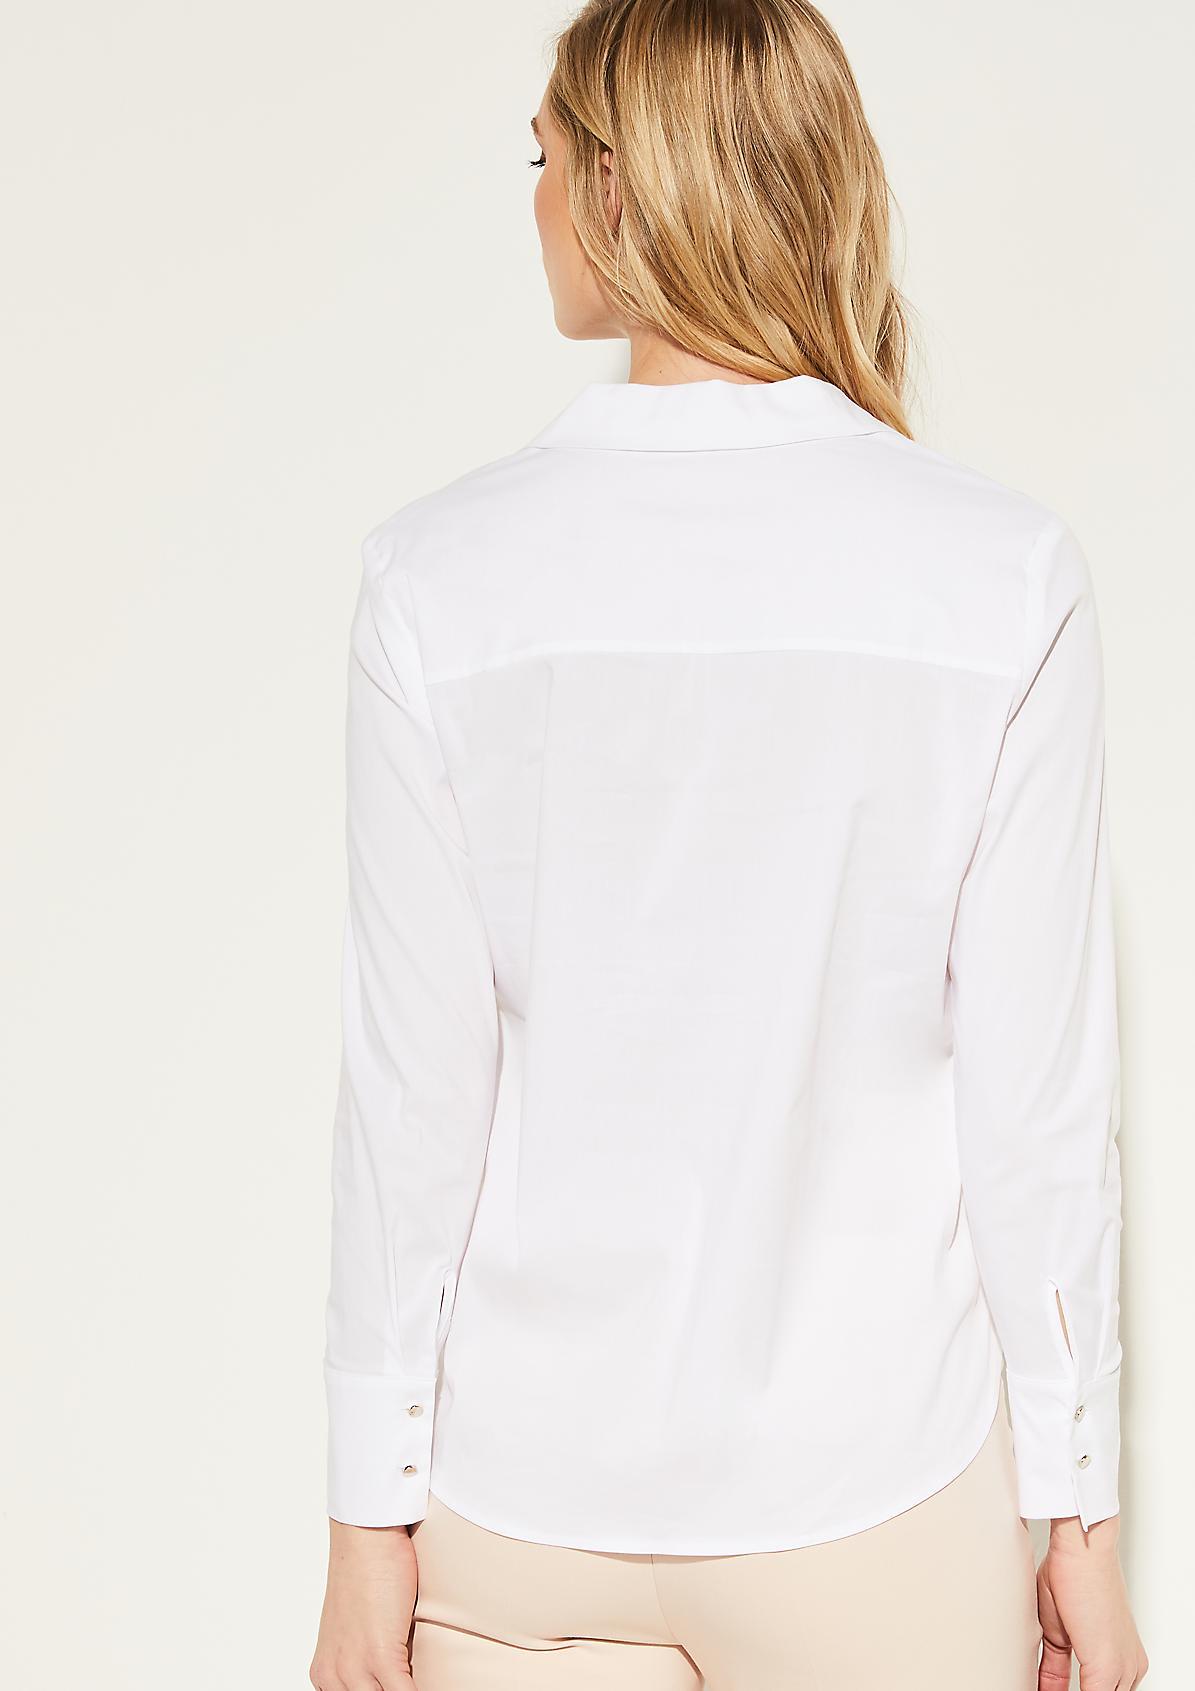 Bluse aus elastischer Qualität